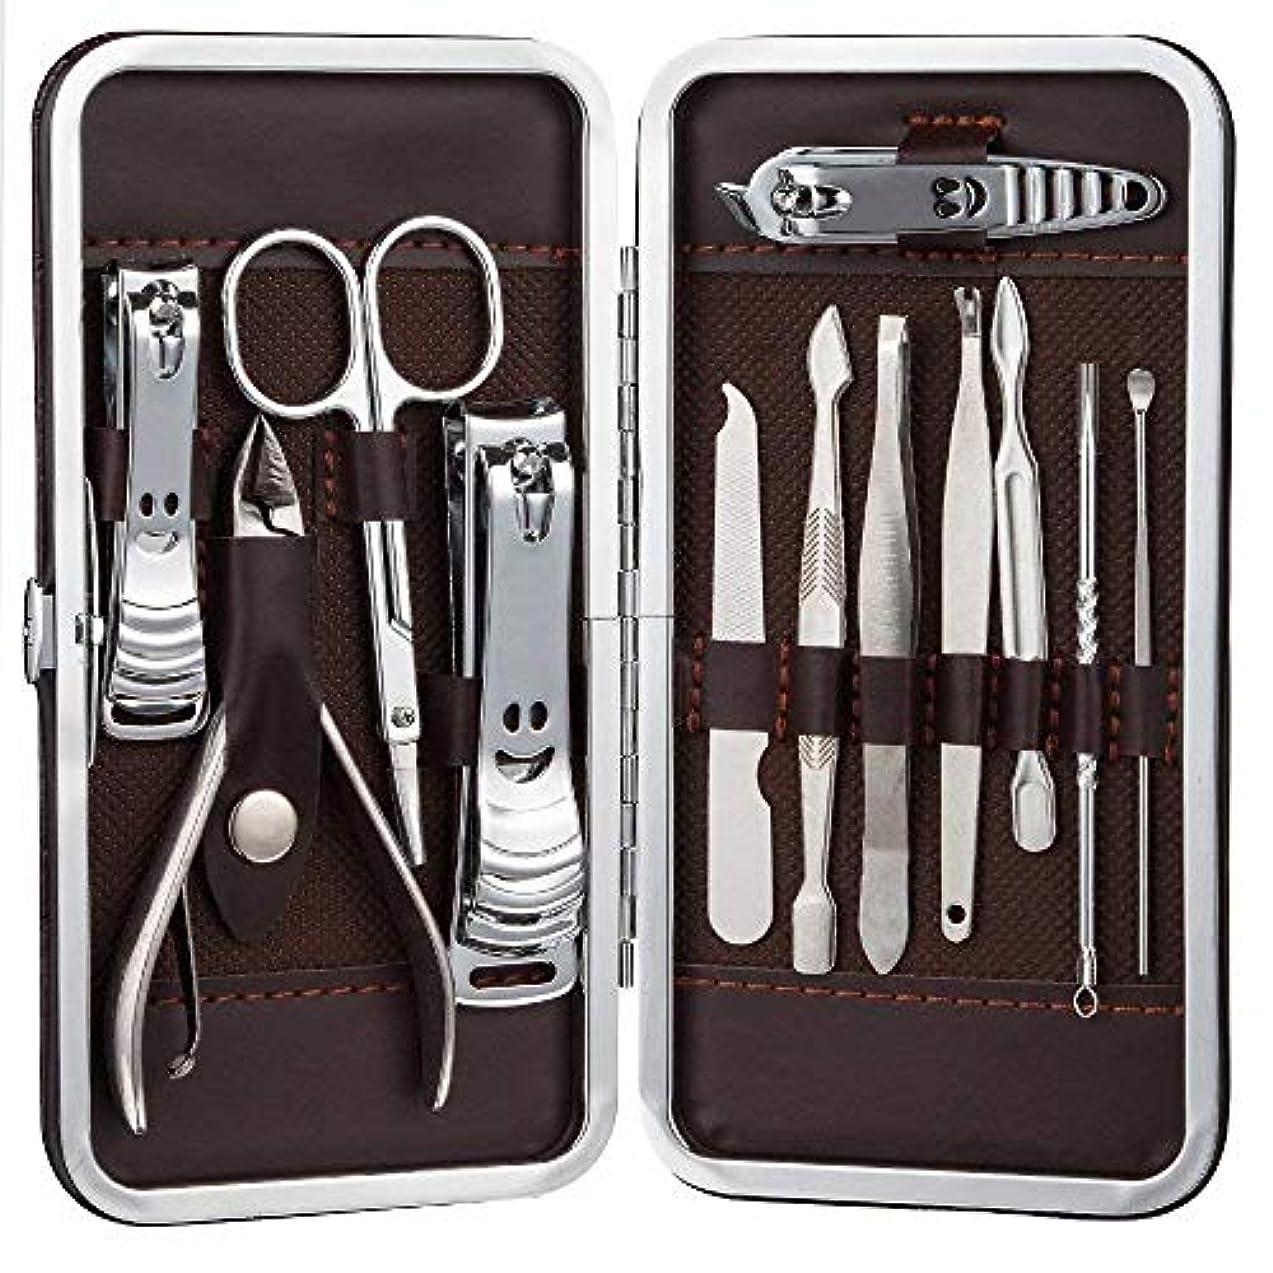 急性達成欲しいです爪切りセット マニキュアセット ネイルニッパー グルーミングキット エチケットセット 手足爪磨き はさみ 甘皮処理 携帯便利 男女兼用 専用収納ケース付き